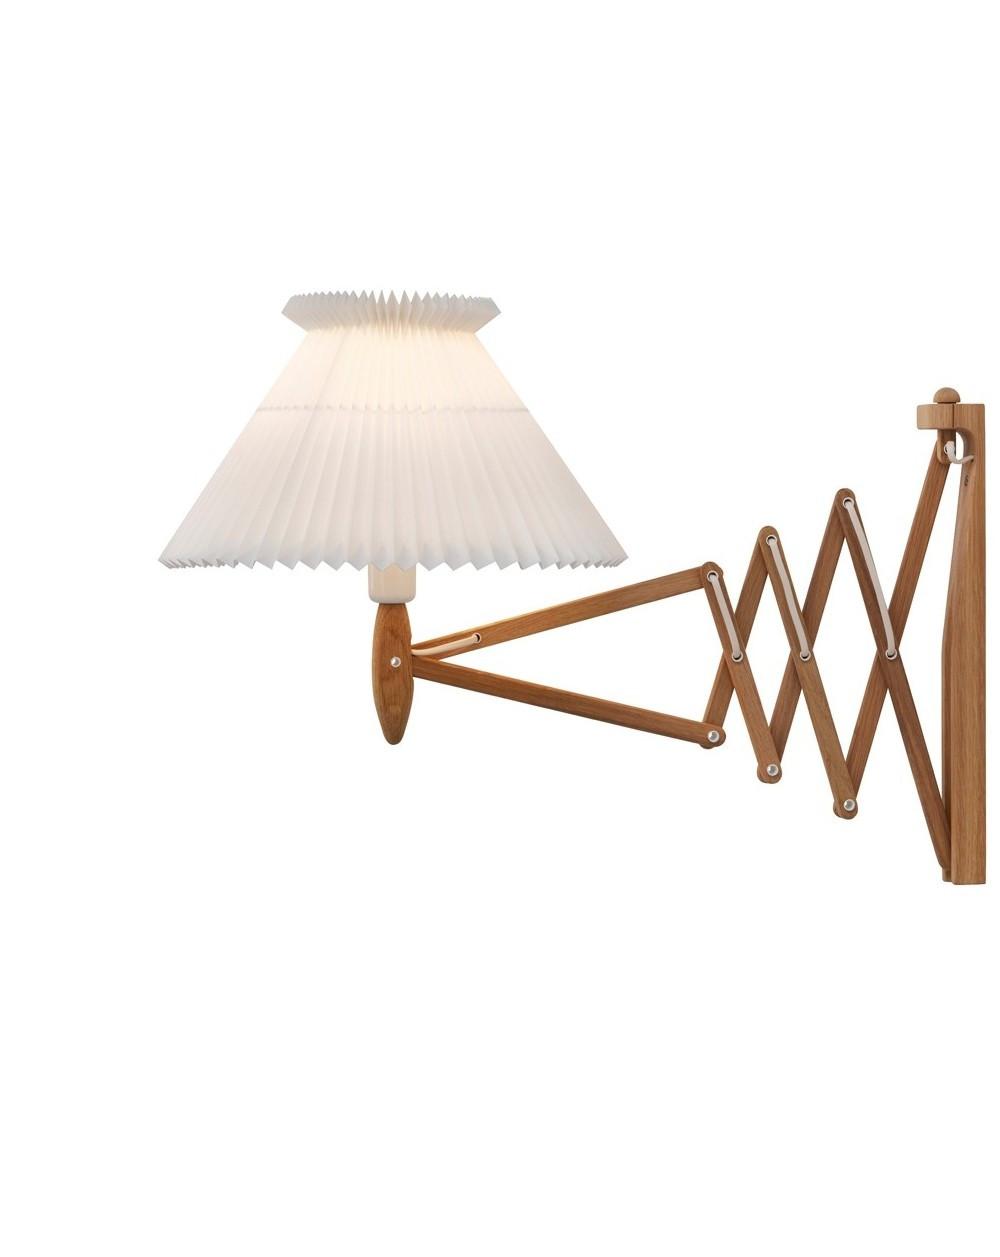 Le Klint wall lamp Erik Hansen design La boutique danoise